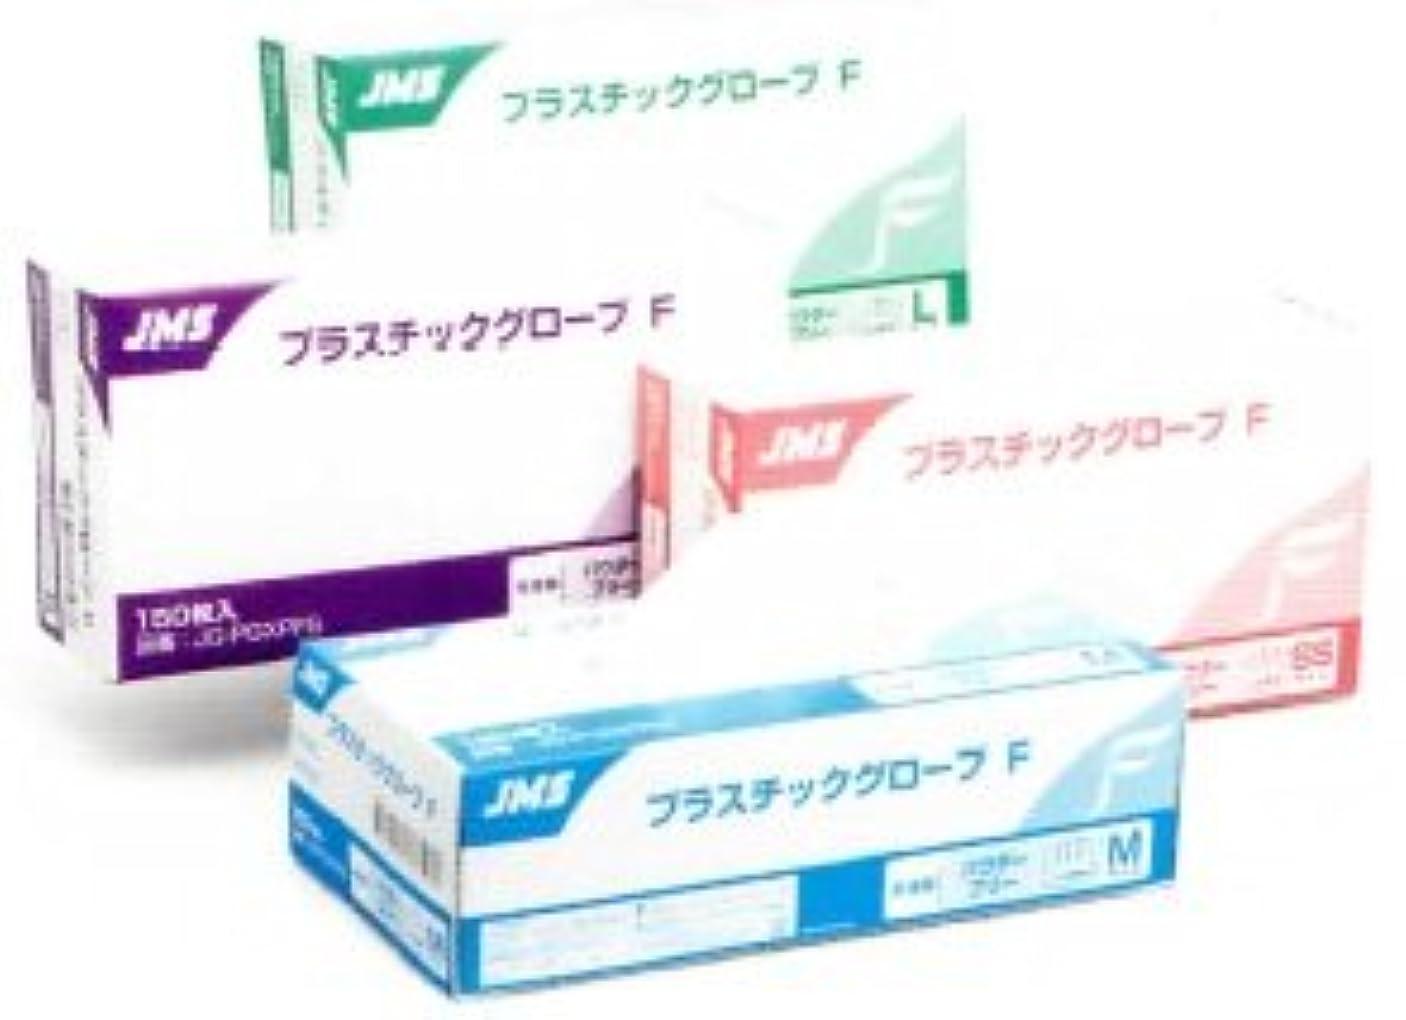 キノコ元の不十分JMSプラスチックグローブF パウダーフリー プラスチック手袋 150枚入 サイズS (1箱)